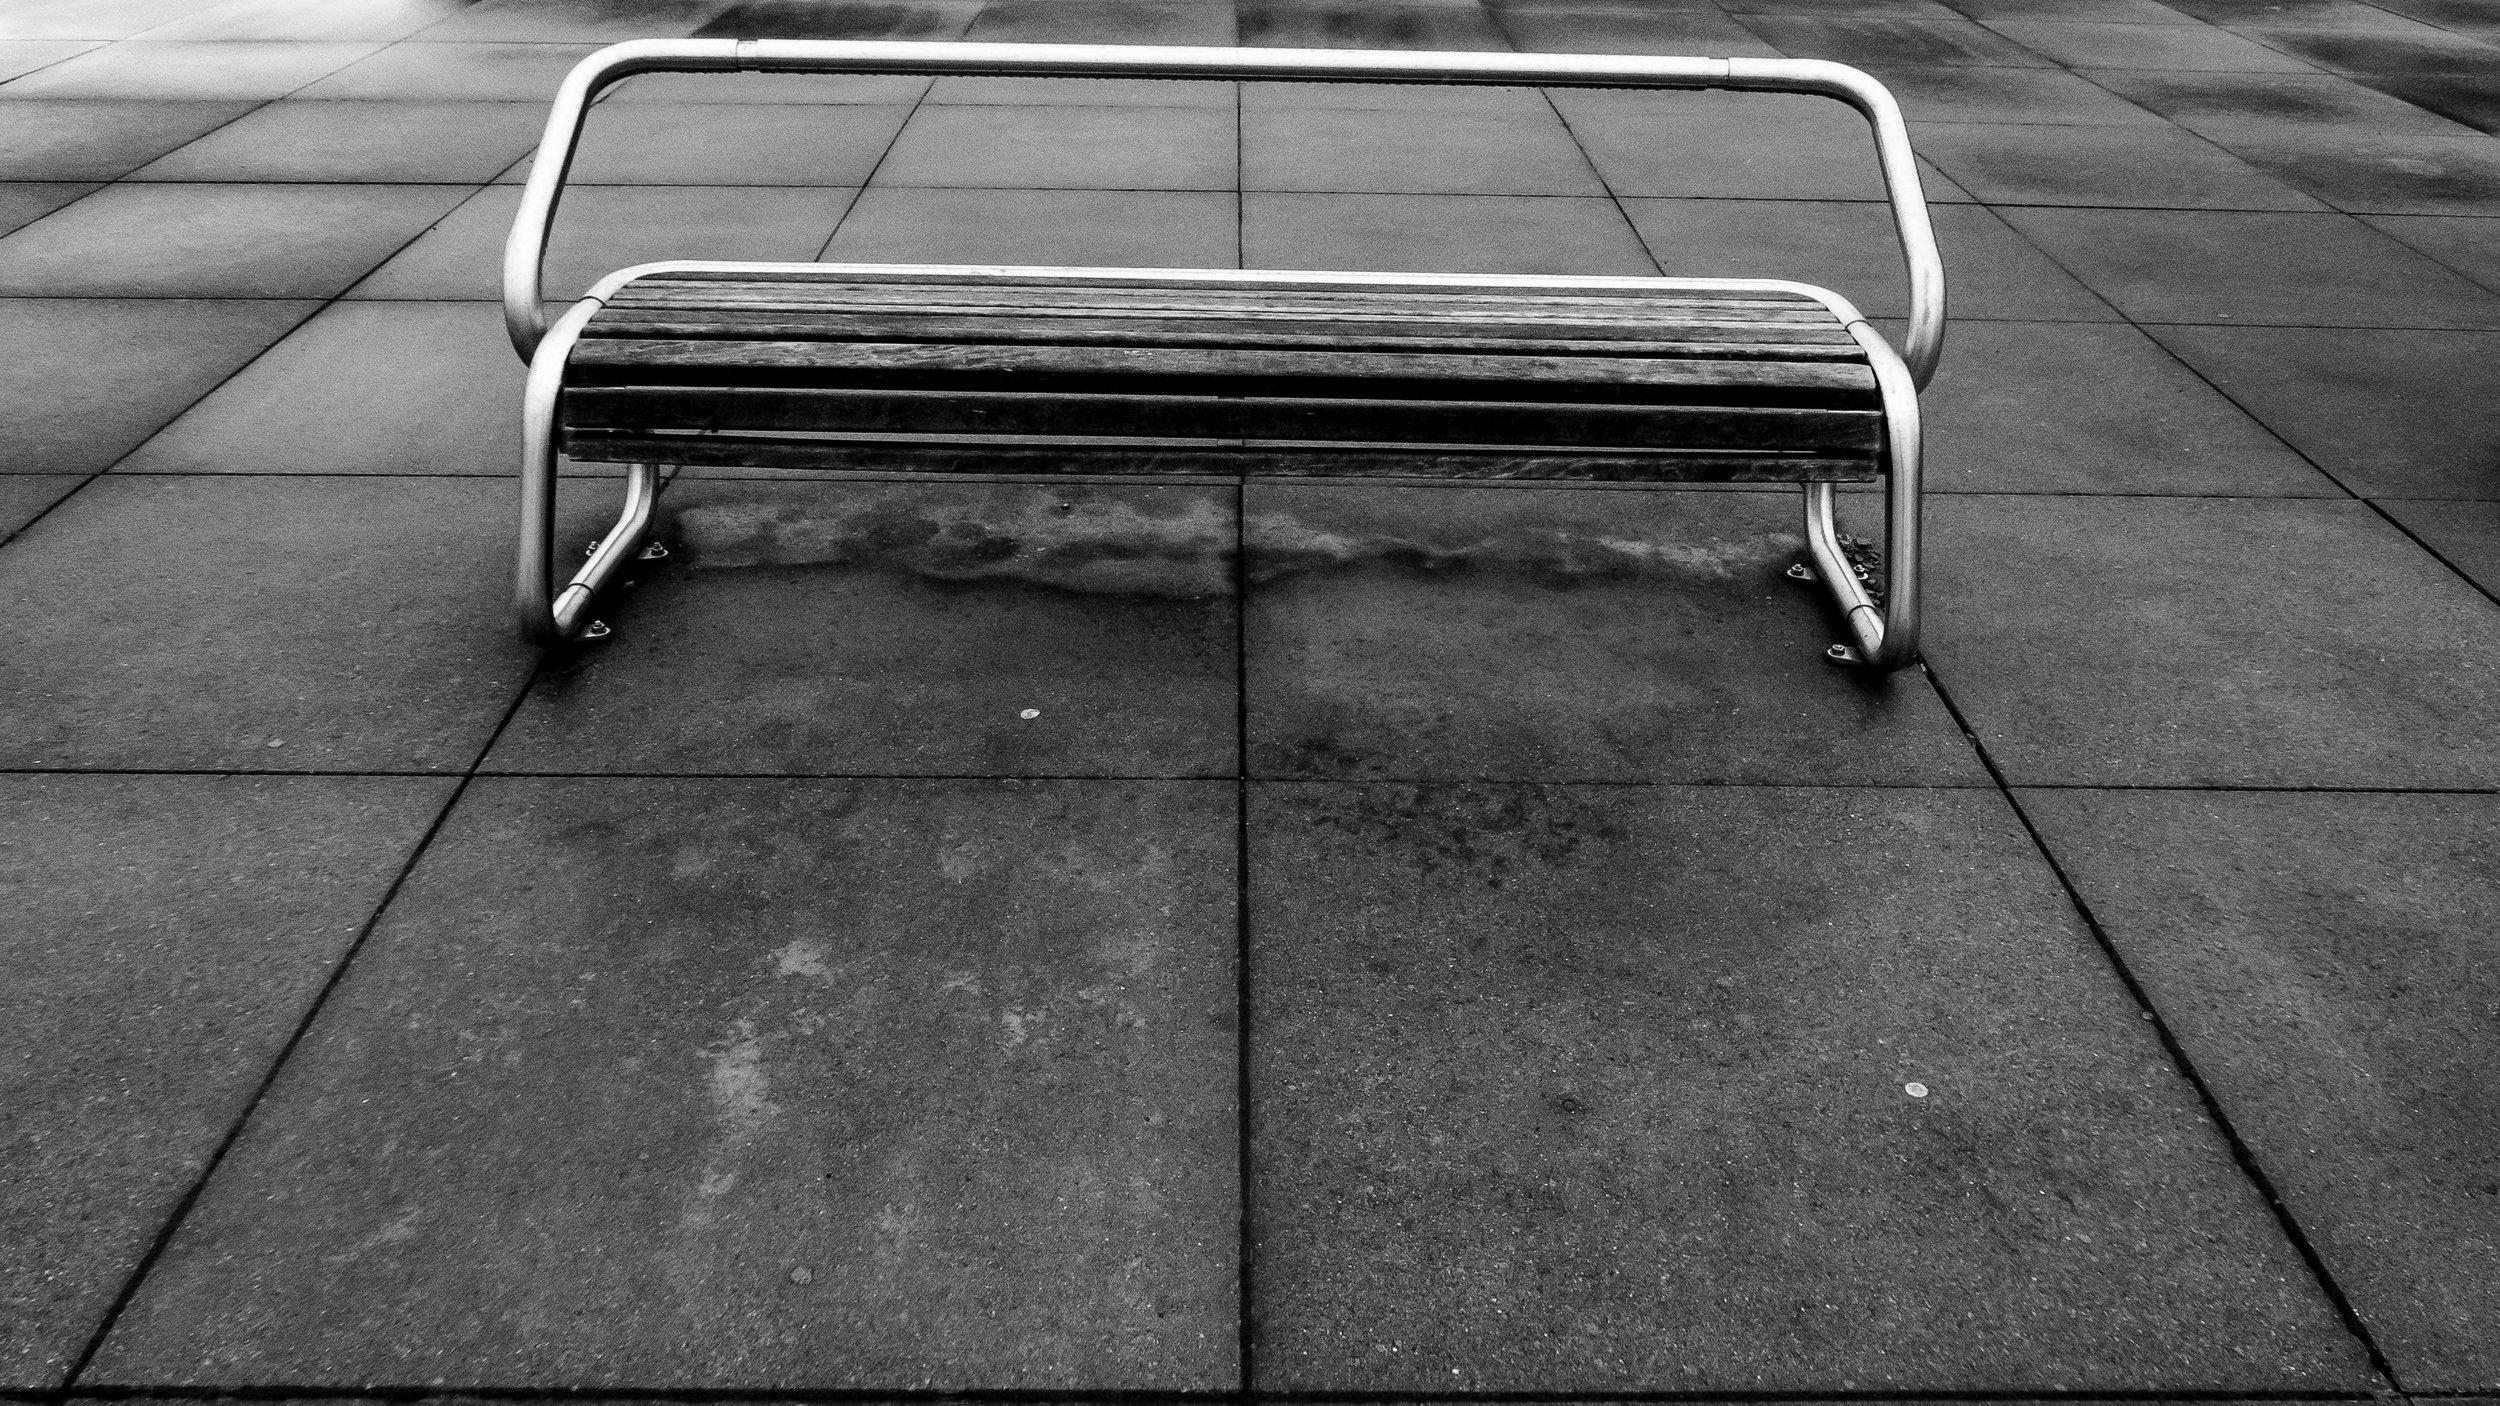 viewfinder-eigenzinnige-fotografie-lijnen-vormen-minimalisme-parking-4